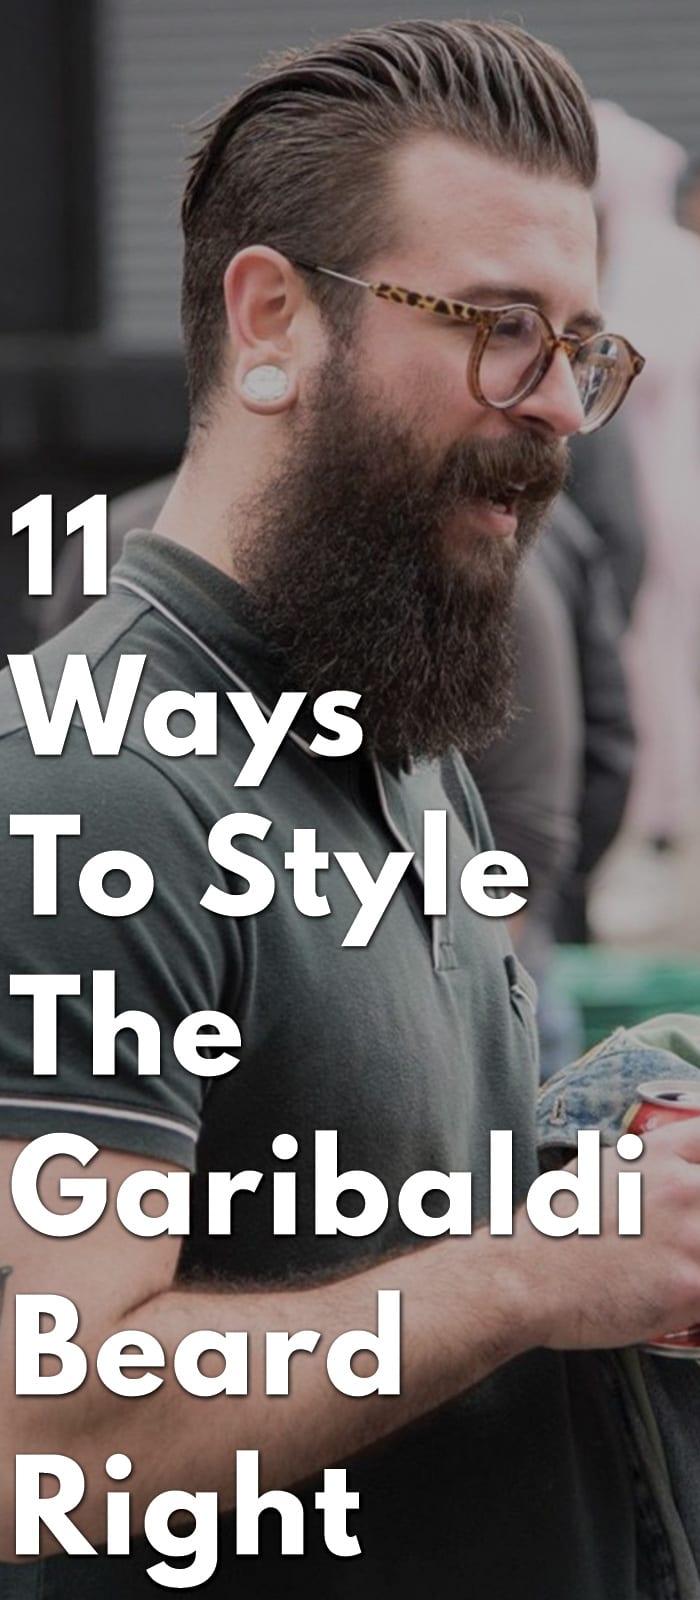 11-Ways-To-Style-The-Garibaldi-Beard-Right.